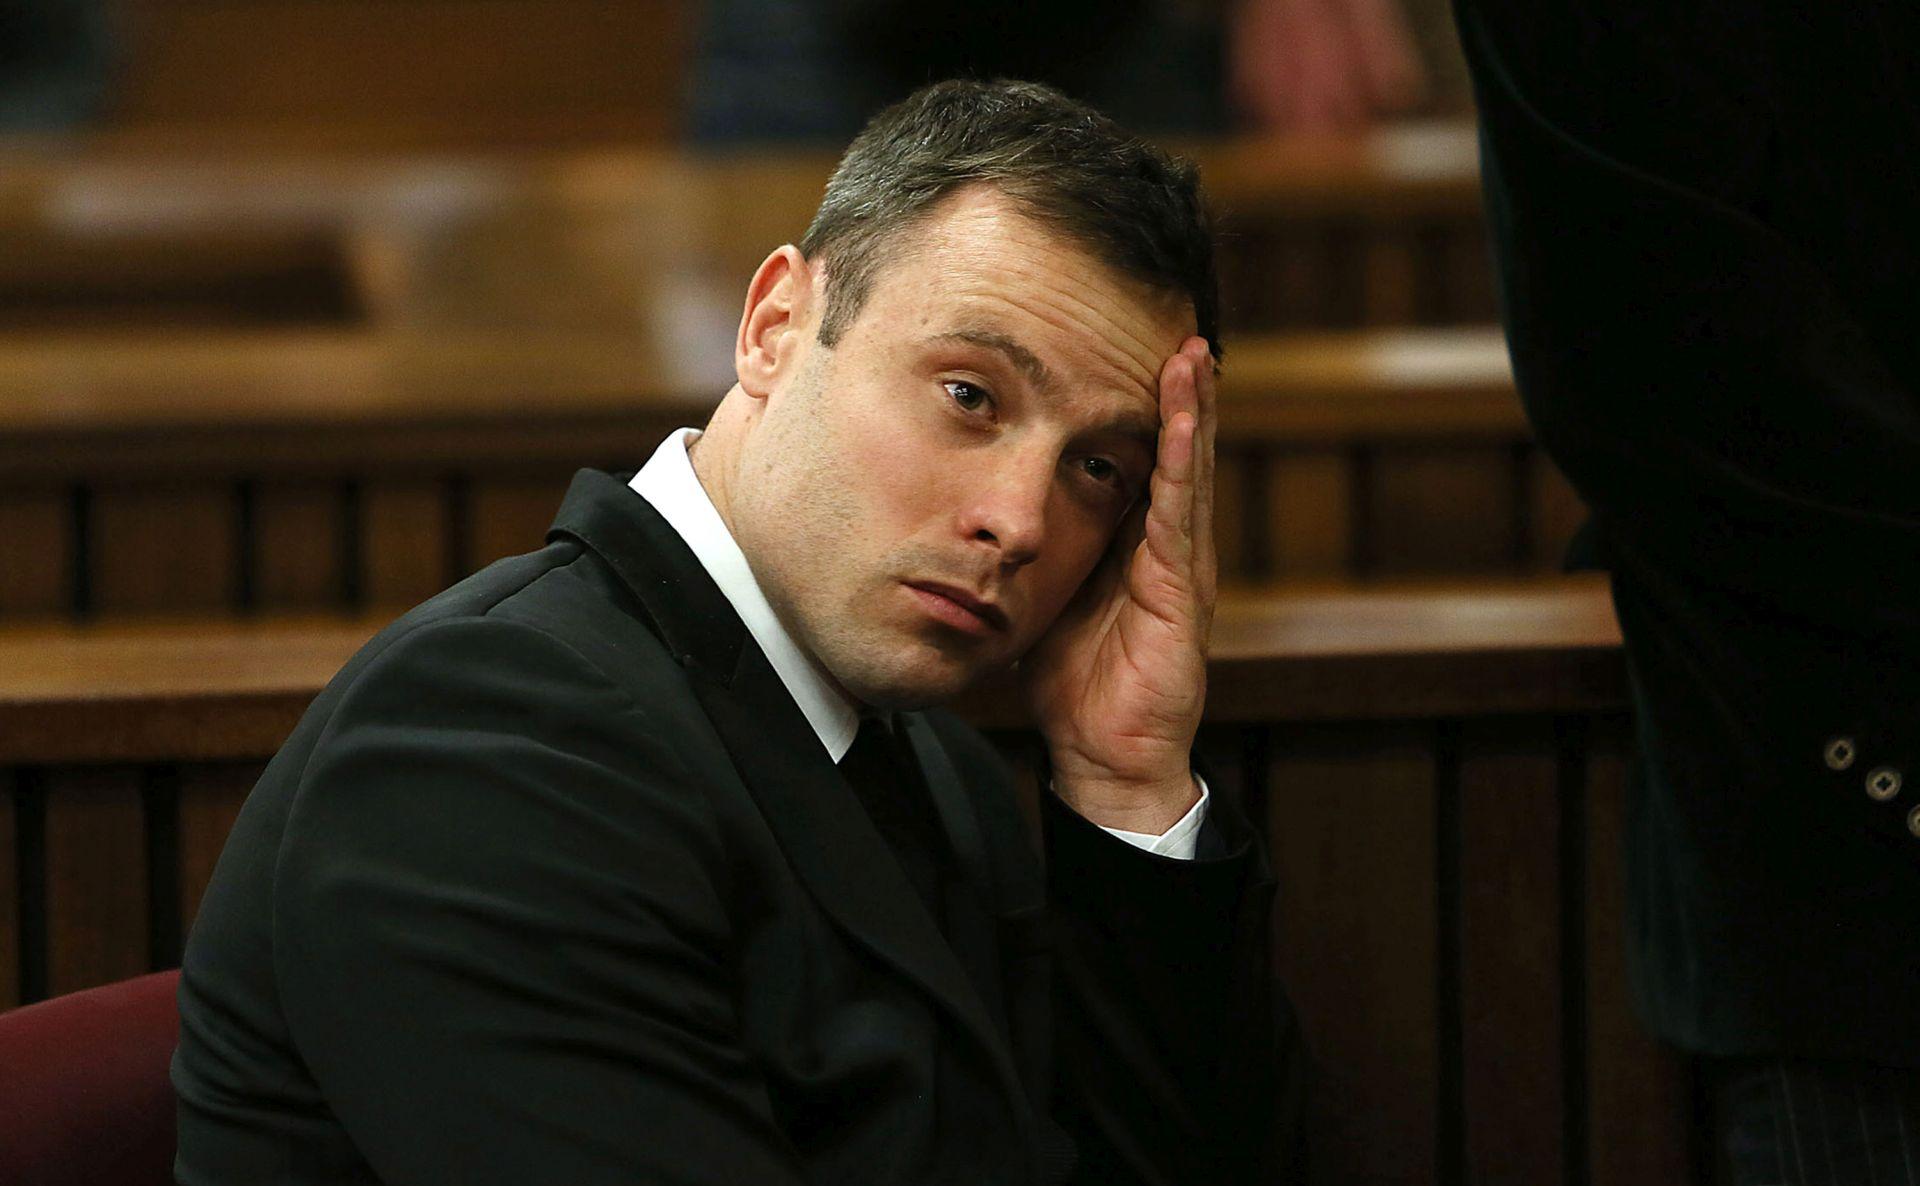 JUŽNOAFRIČKA REPUBLIKA Ustavni sud odbio posljednju žalbu Oscara Pistoriusa